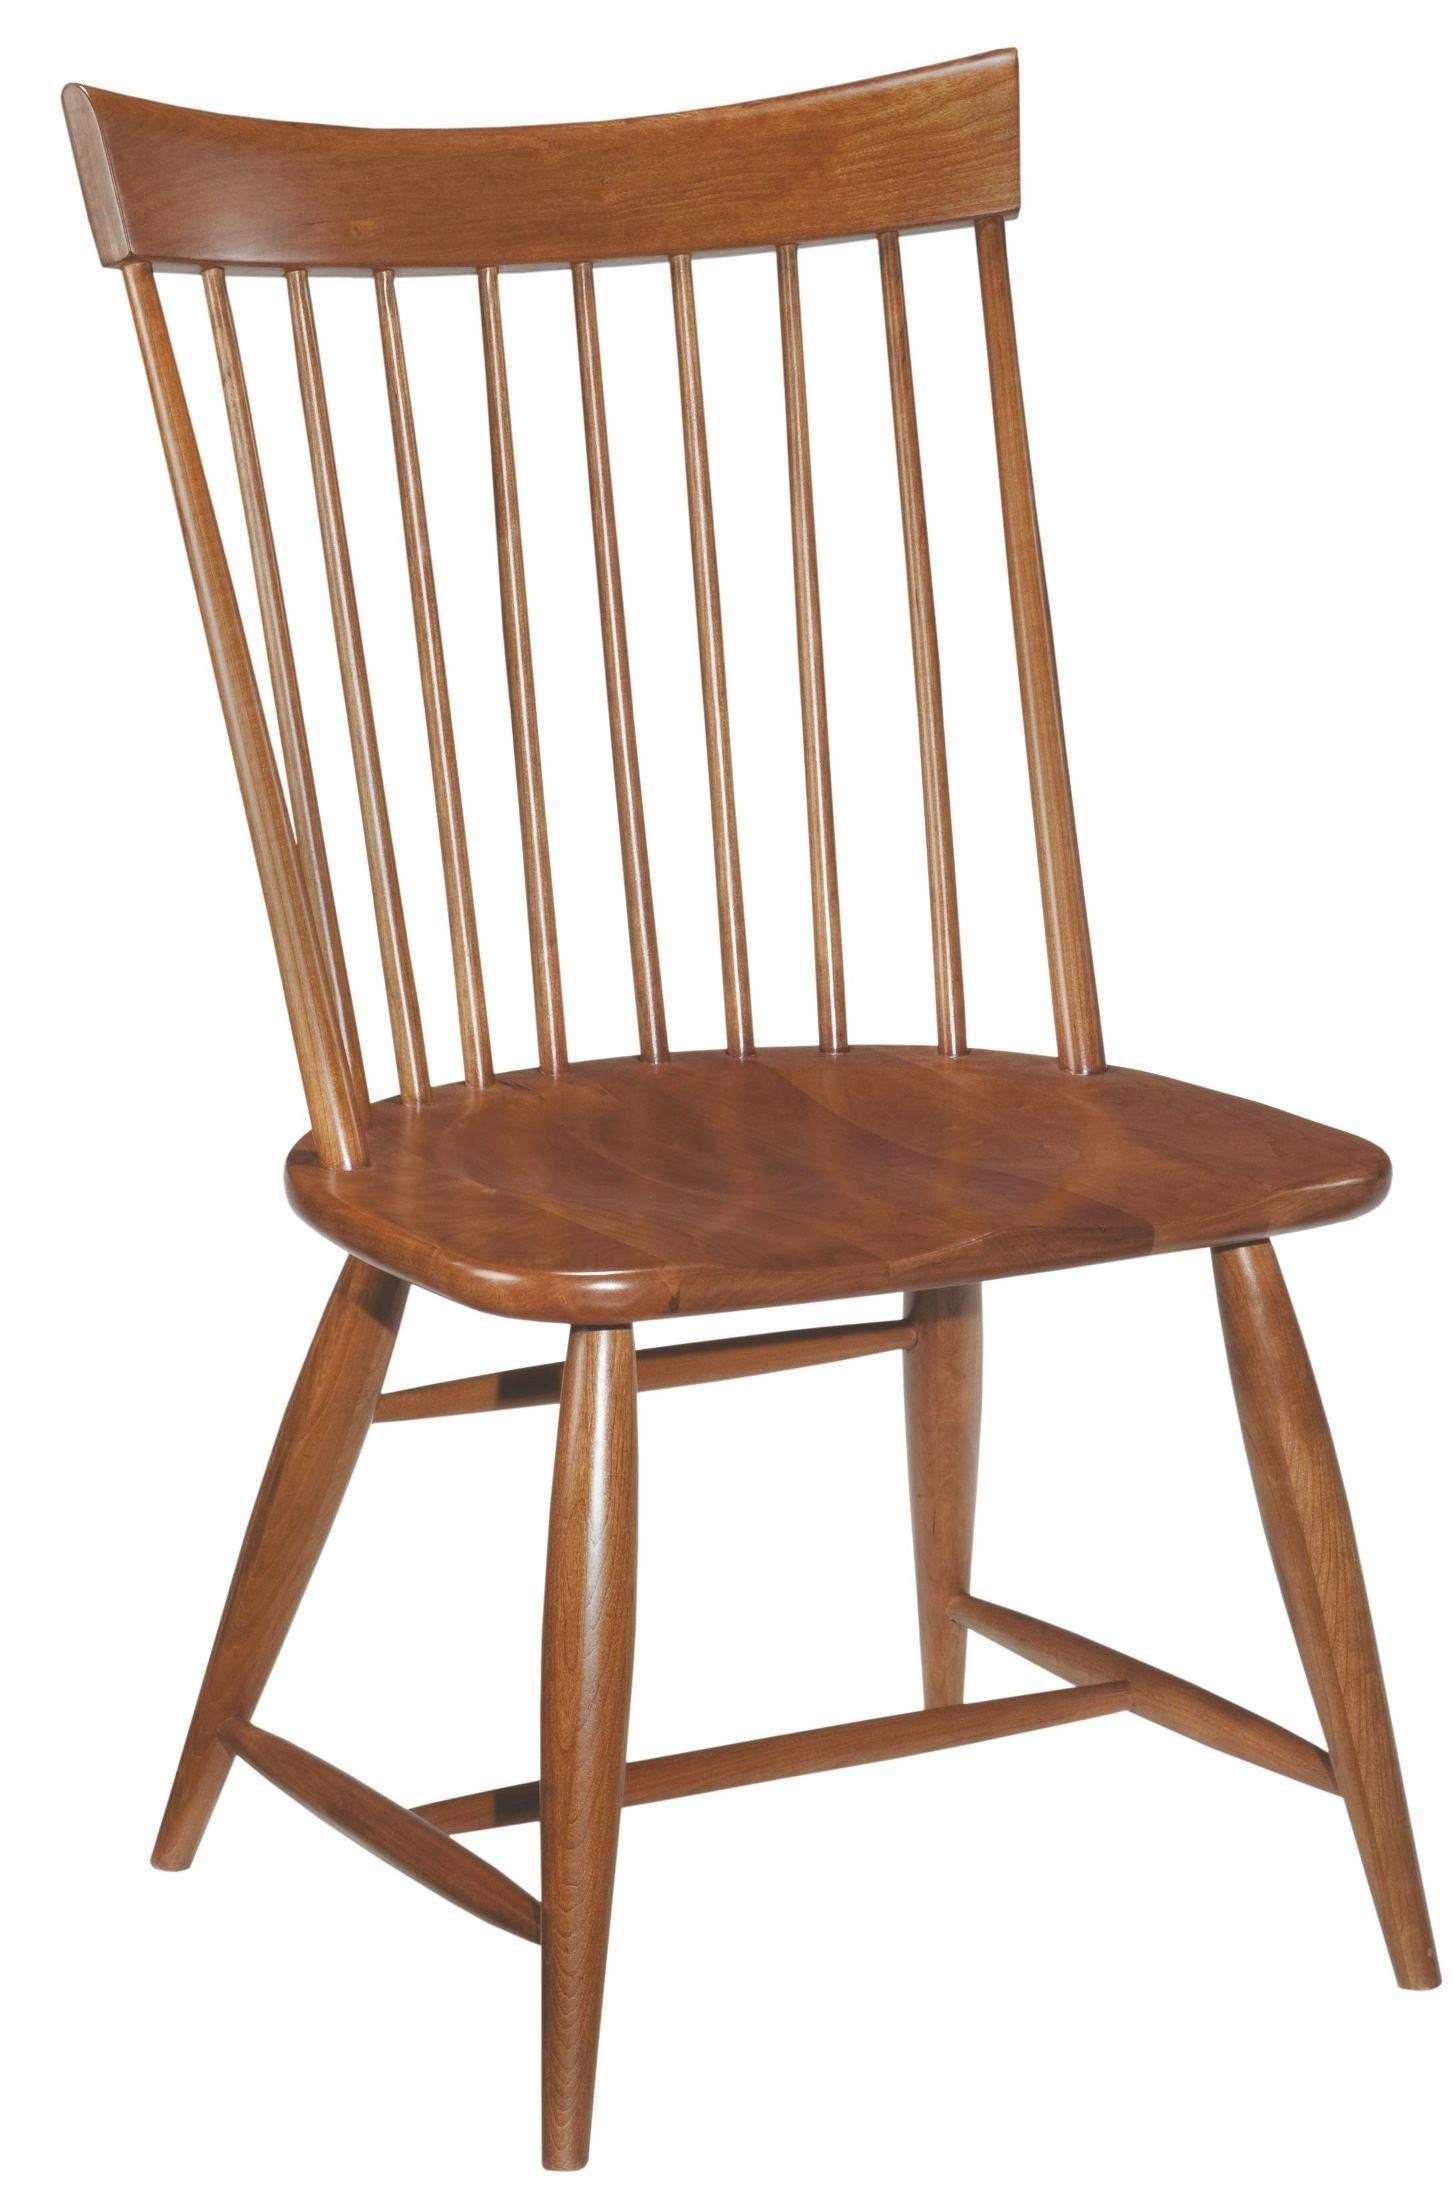 Cherry Park Windsor Side Chair from Kincaid 63063V